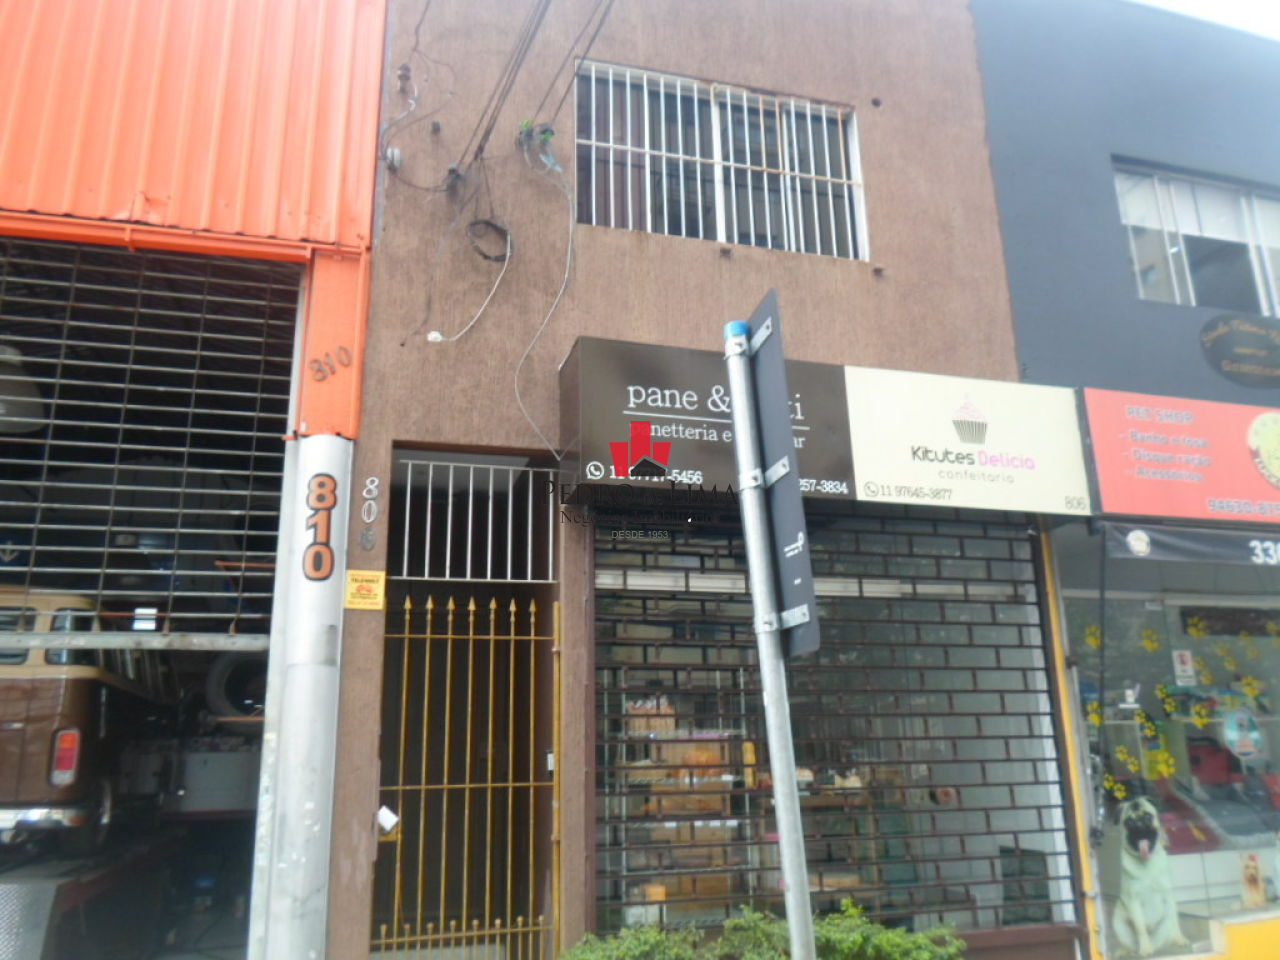 Ref.: TP1418 - TATUAPé, São Paulo